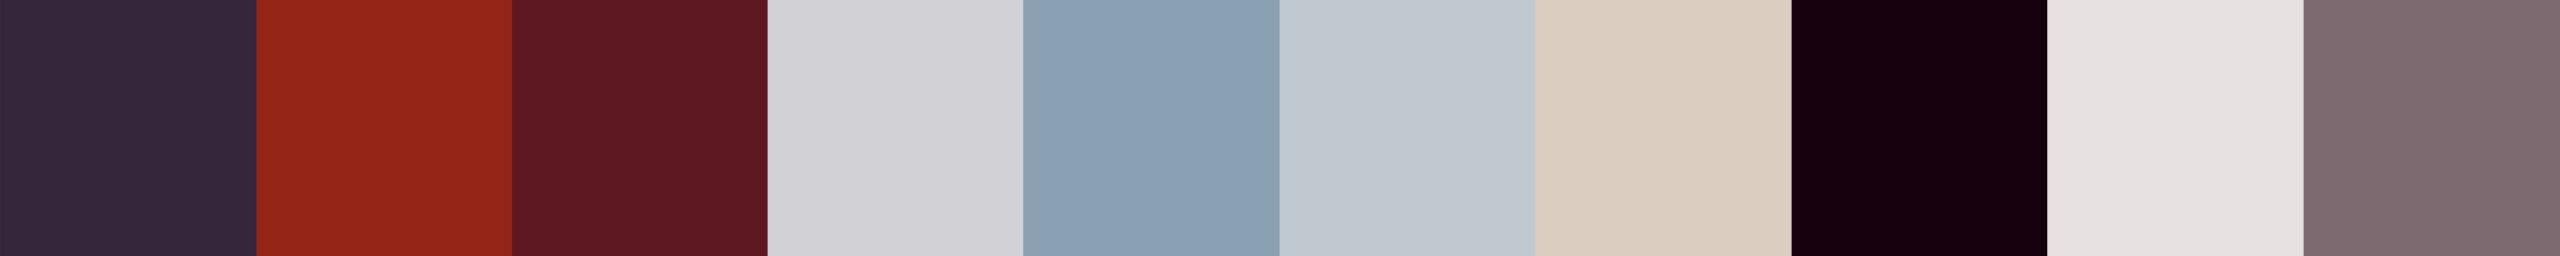 177 Ixia Color Palette